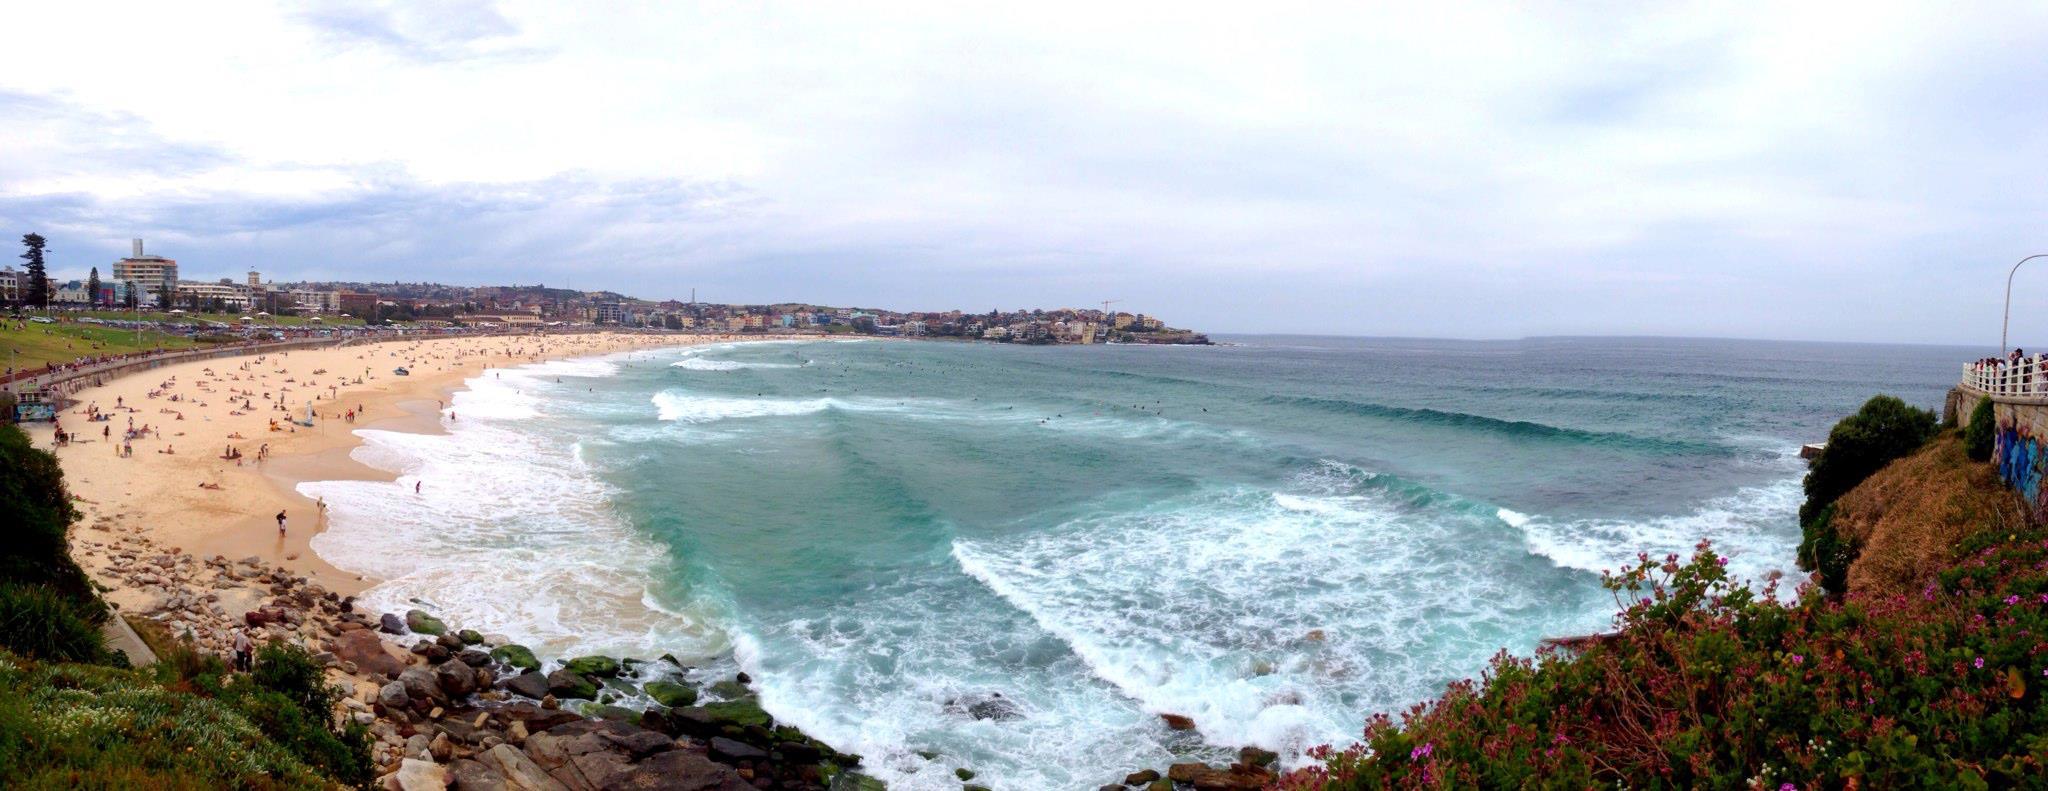 2012年出走澳洲18天 ﹣ Bondi Beach & Tamarama Coast